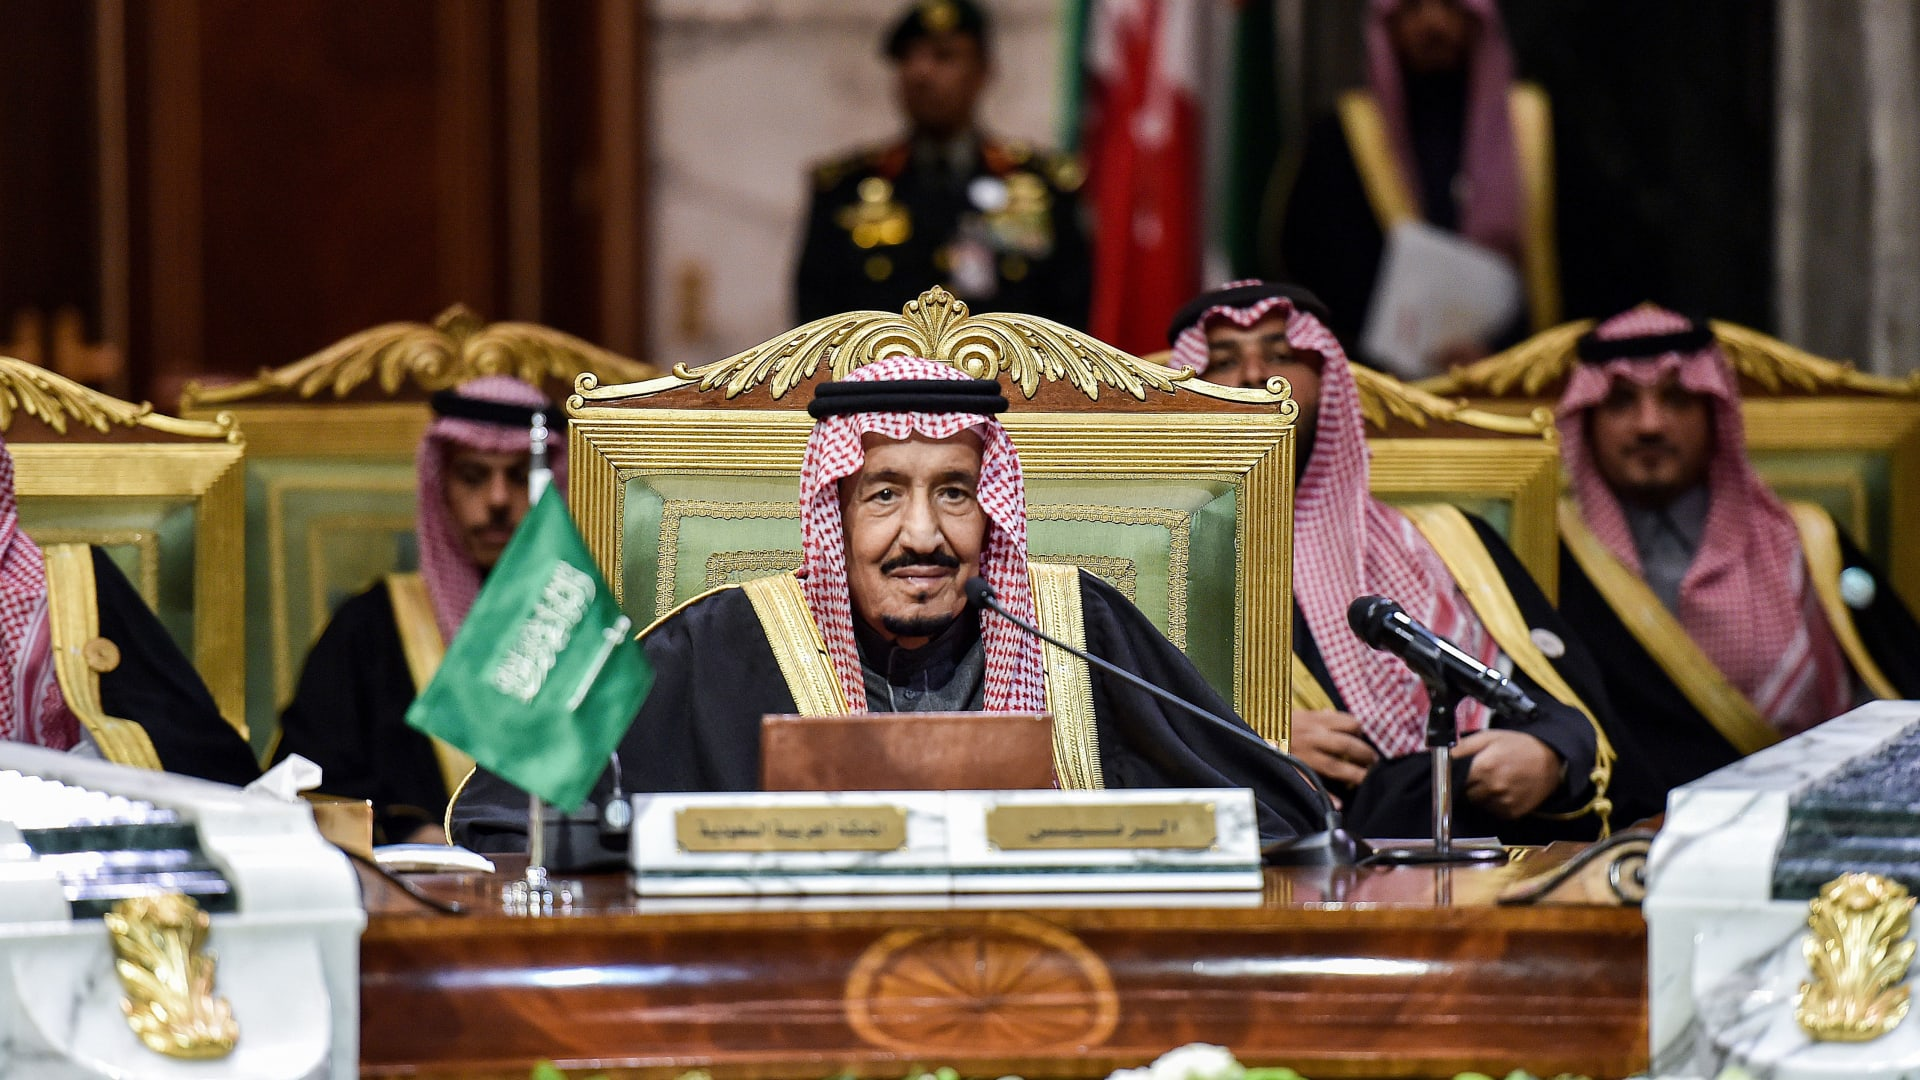 العاهل السعودي، الملك سلمان بن عبدالعزيز